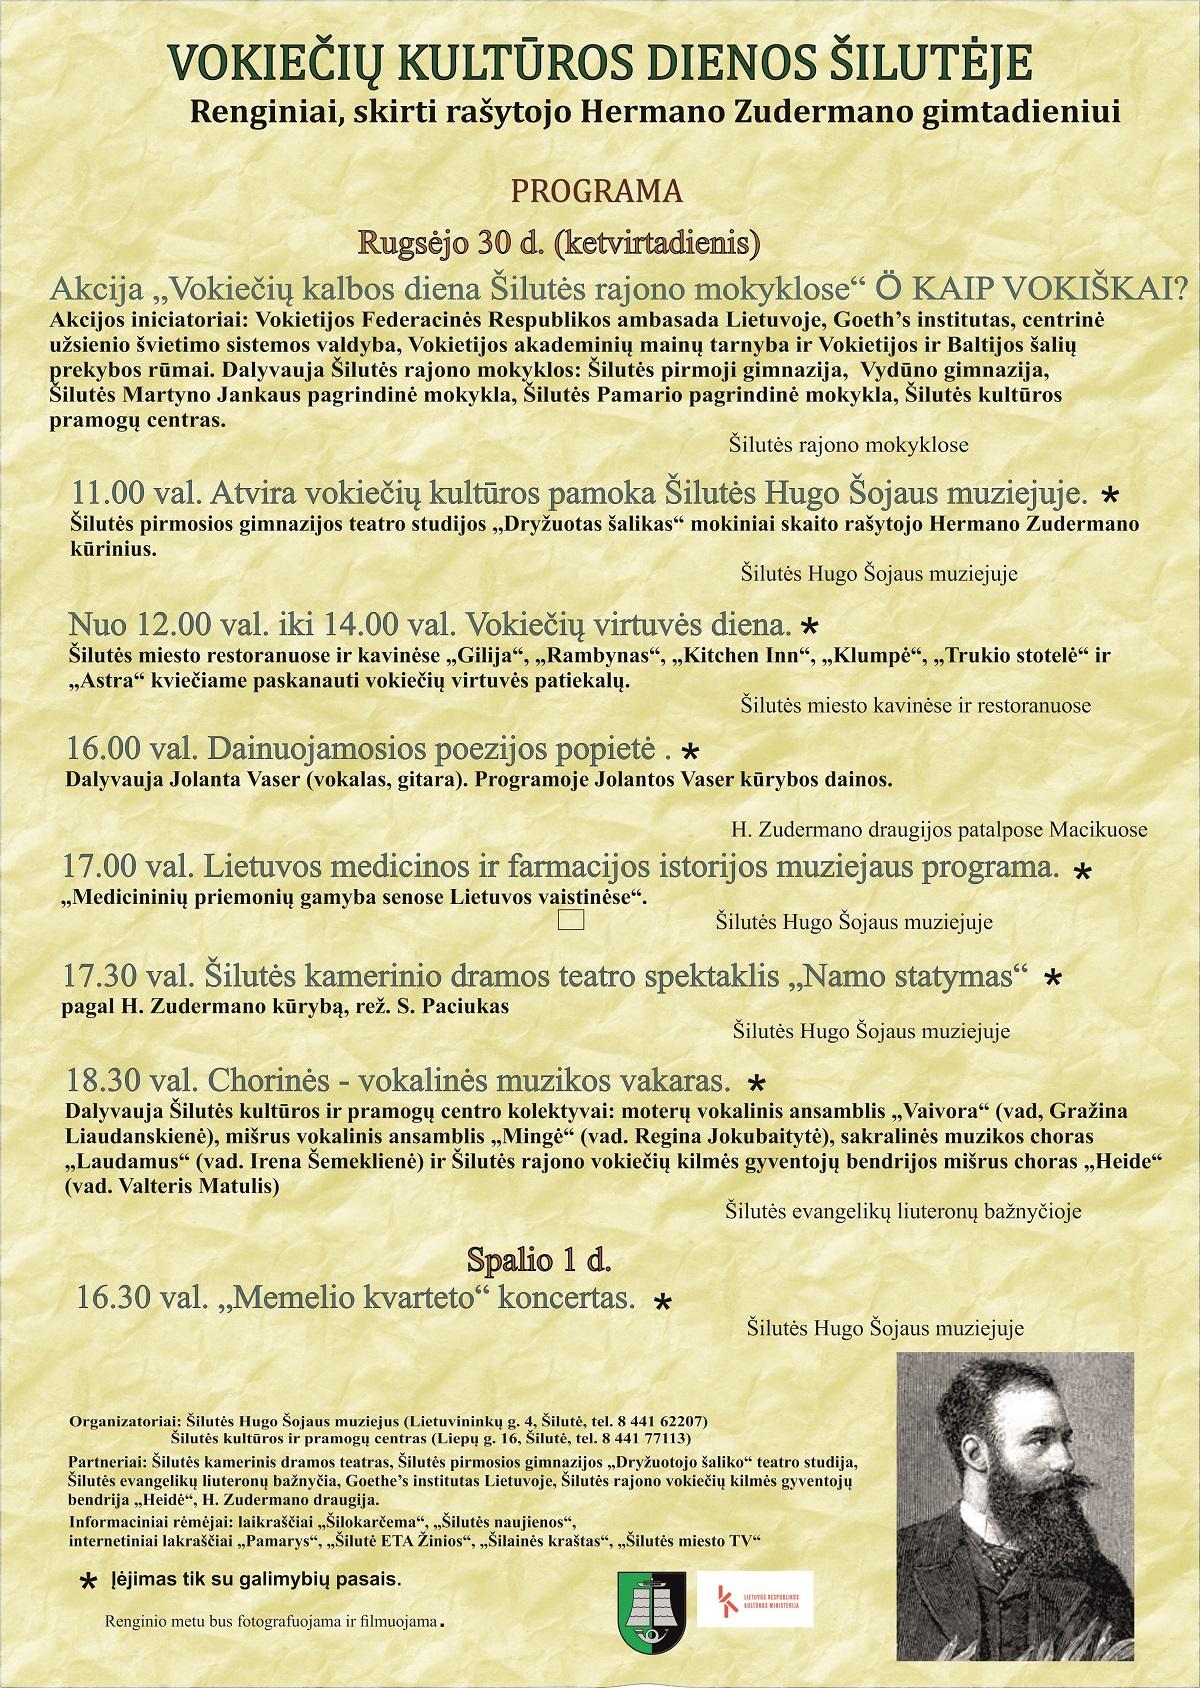 Vokiečių kultūros dienos Šilutėje. Renginiai rašytojui Hermanui Zudermanui prisiminti